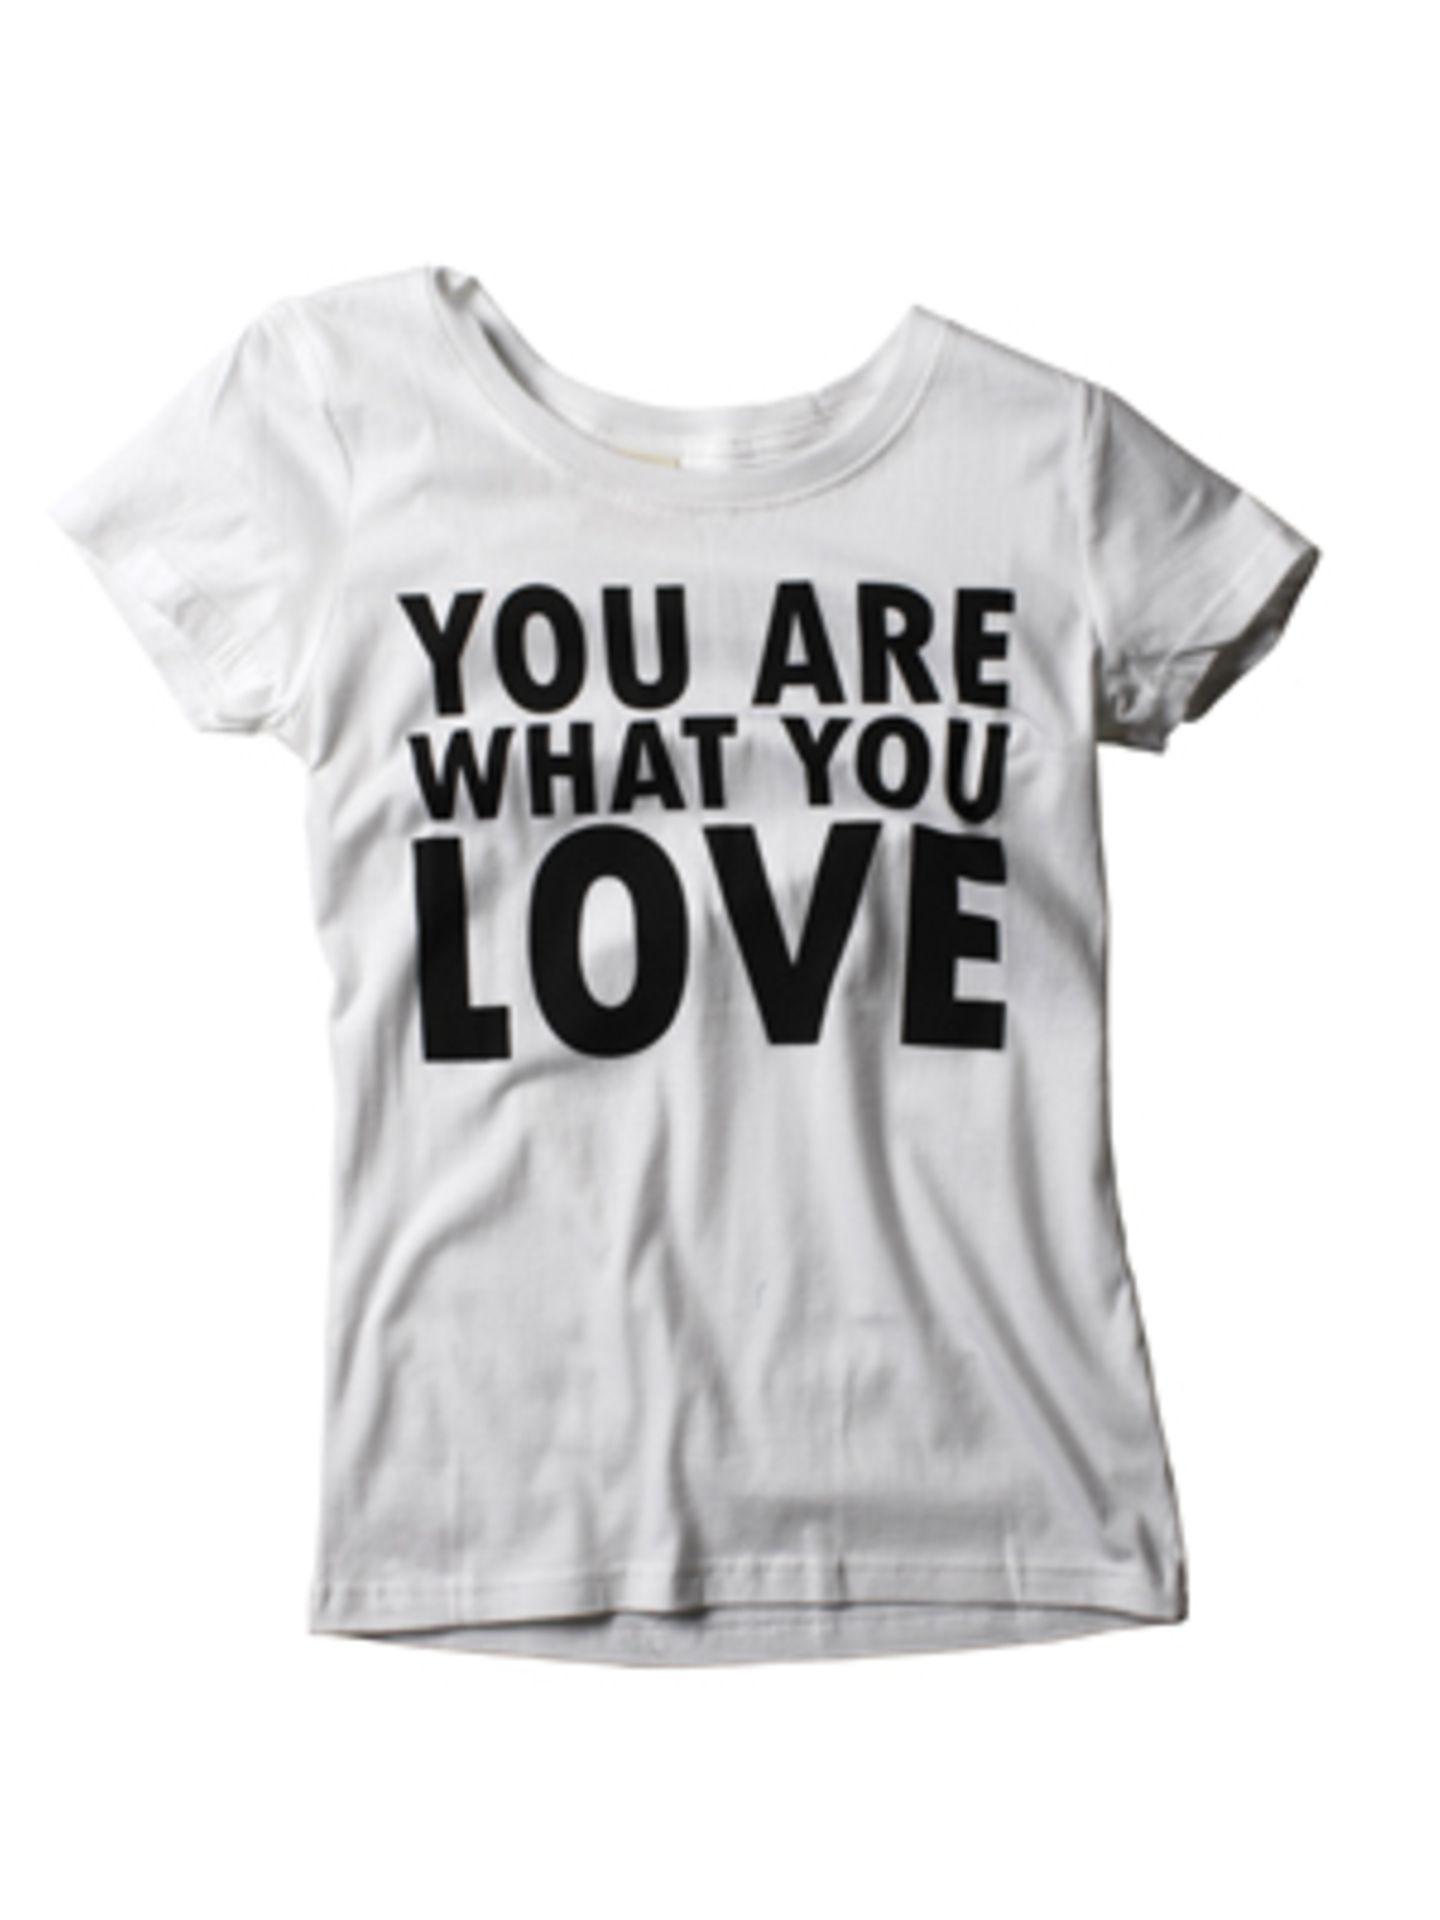 T-Shirt mit klaren Botschaften: Toleranz, Hoffnung und Optimismus. Und die kommen niemals aus der Mode. Von BLEND THE WORLD, um 10 Euro.